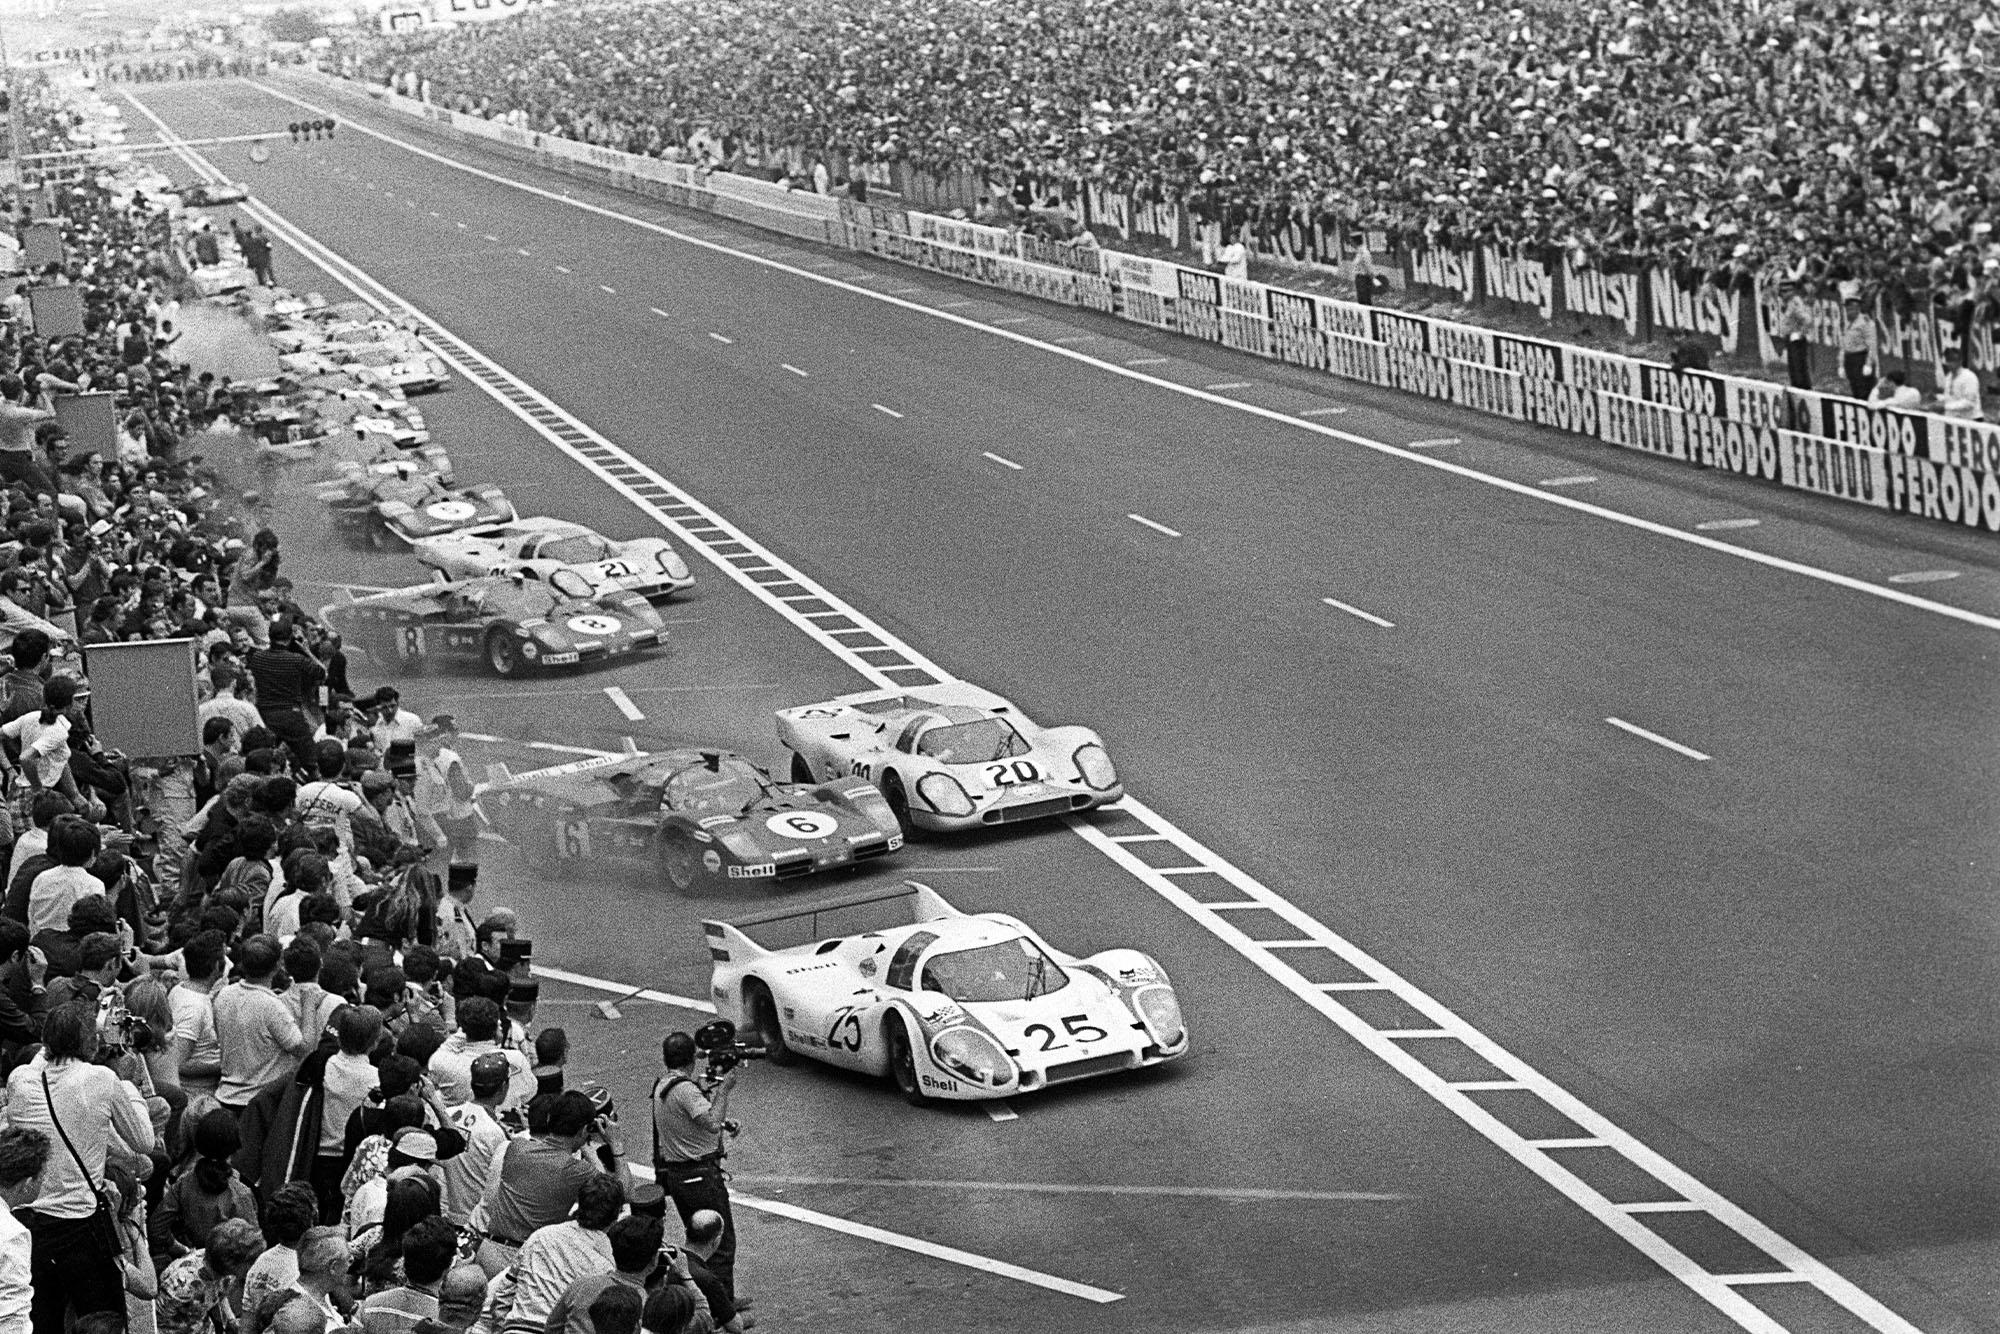 1970 Le Mans 24 hours race start